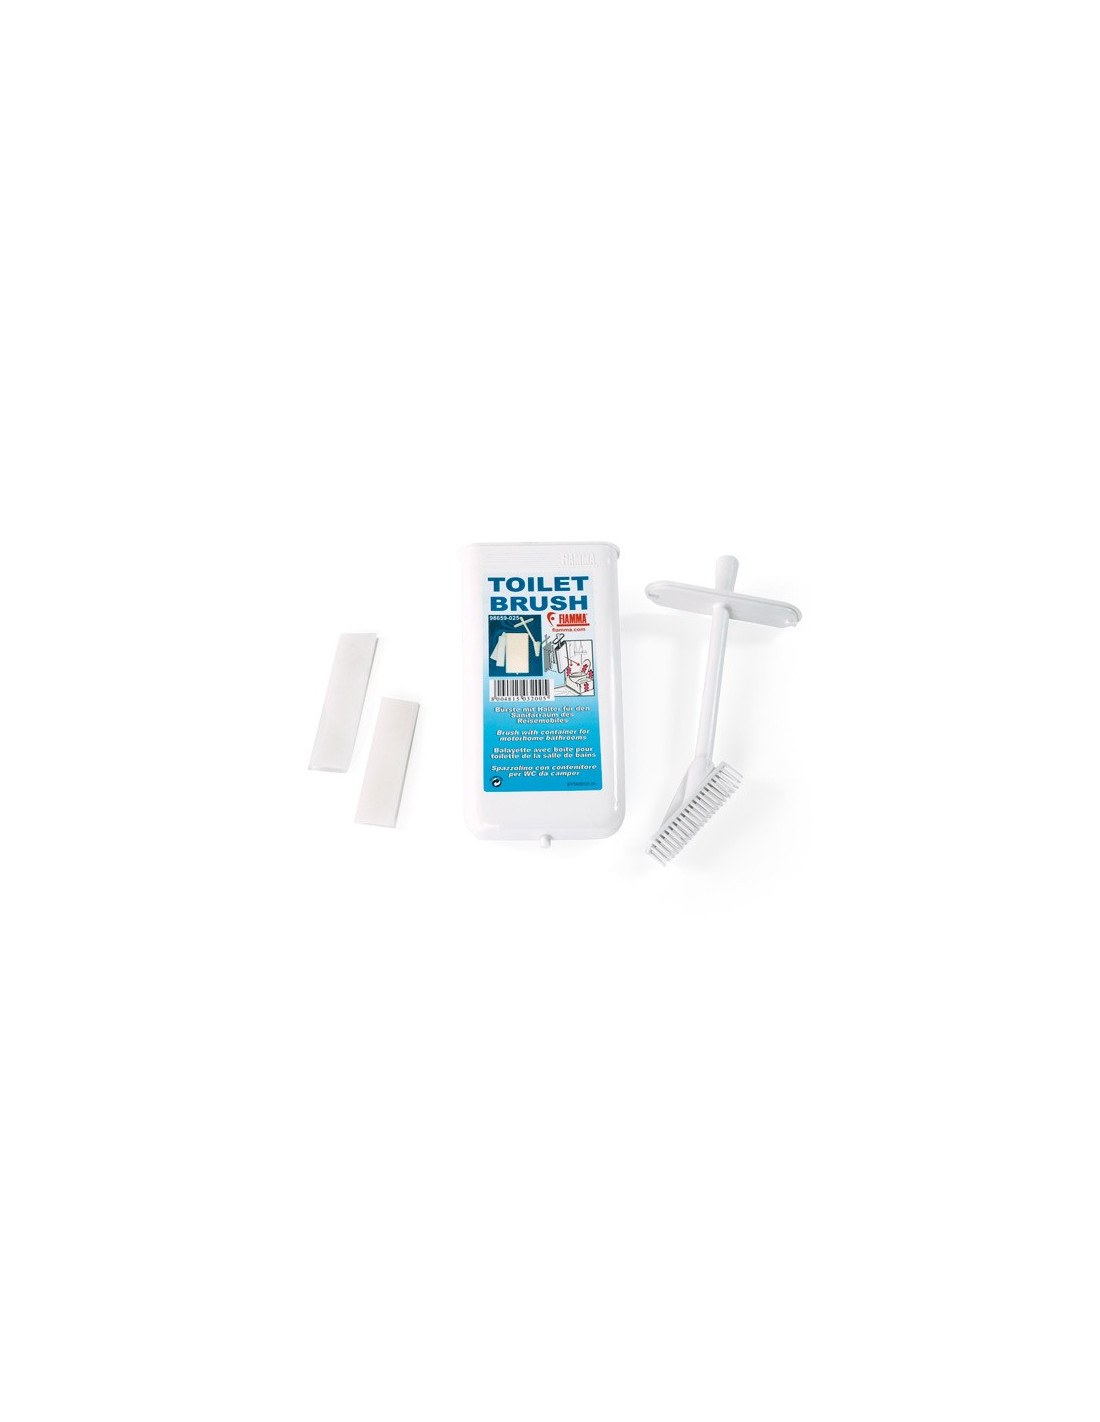 Cepillo escobilla para limpiar wc toilet brush wc tienda - Como limpiar el wc ...